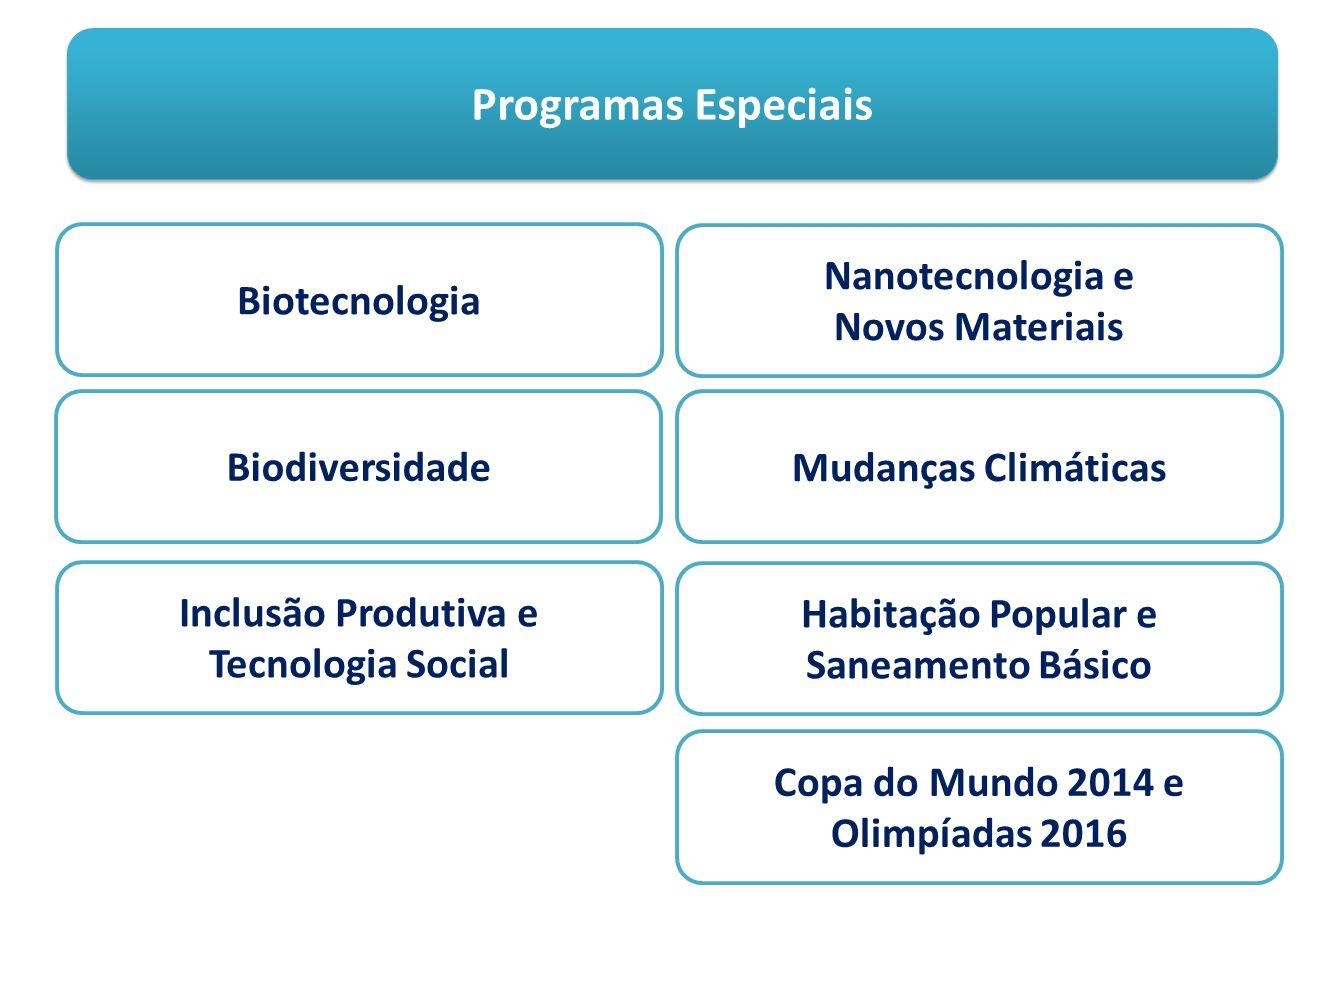 Programas Especiais Mudanças Climáticas Biodiversidade Nanotecnologia e Novos Materiais Biotecnologia Inclusão Produtiva e Tecnologia Social Copa do M